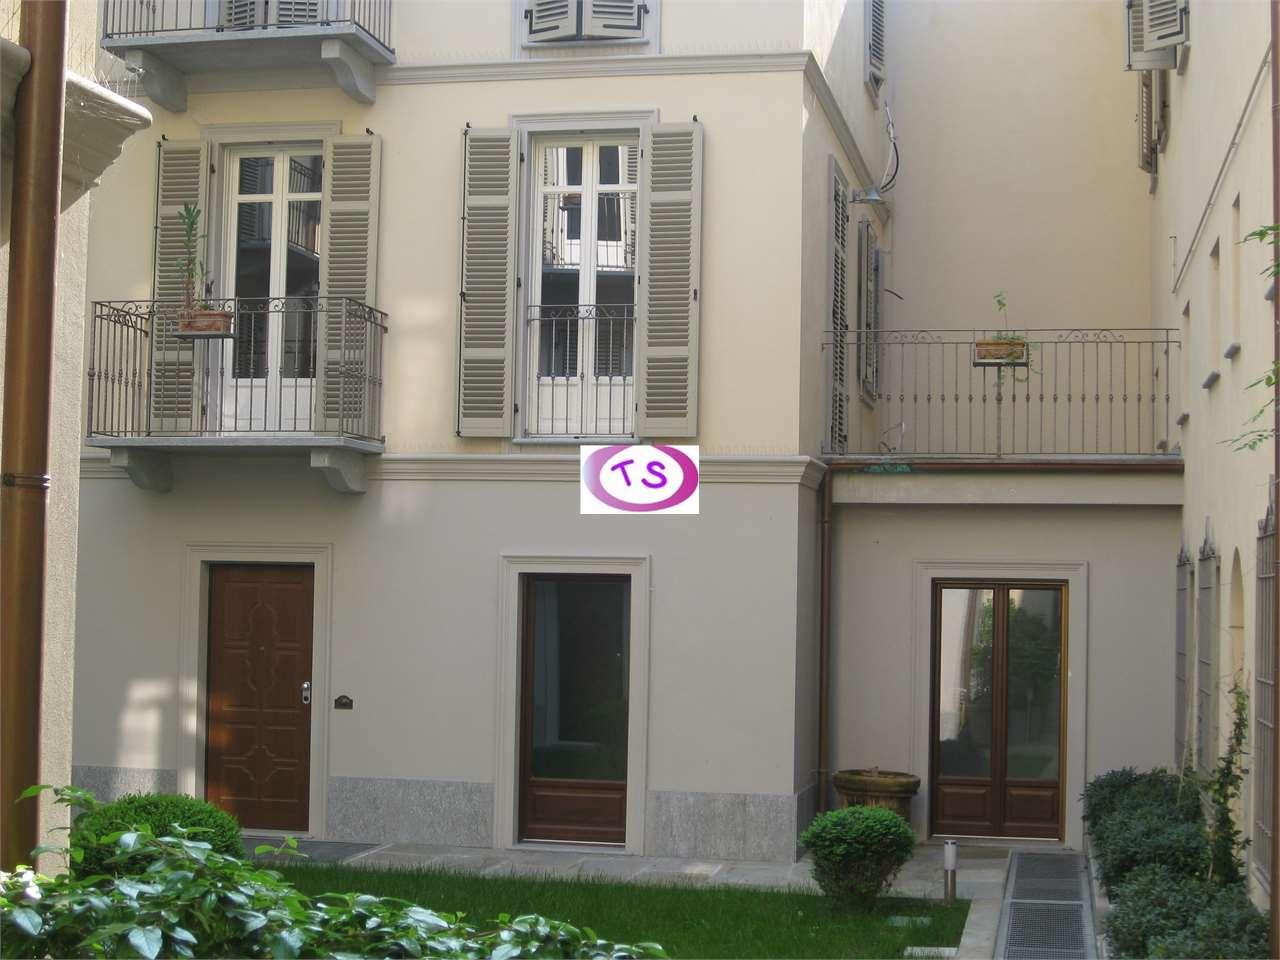 Ufficio / Studio in vendita a Casale Monferrato, 3 locali, prezzo € 150.000 | CambioCasa.it